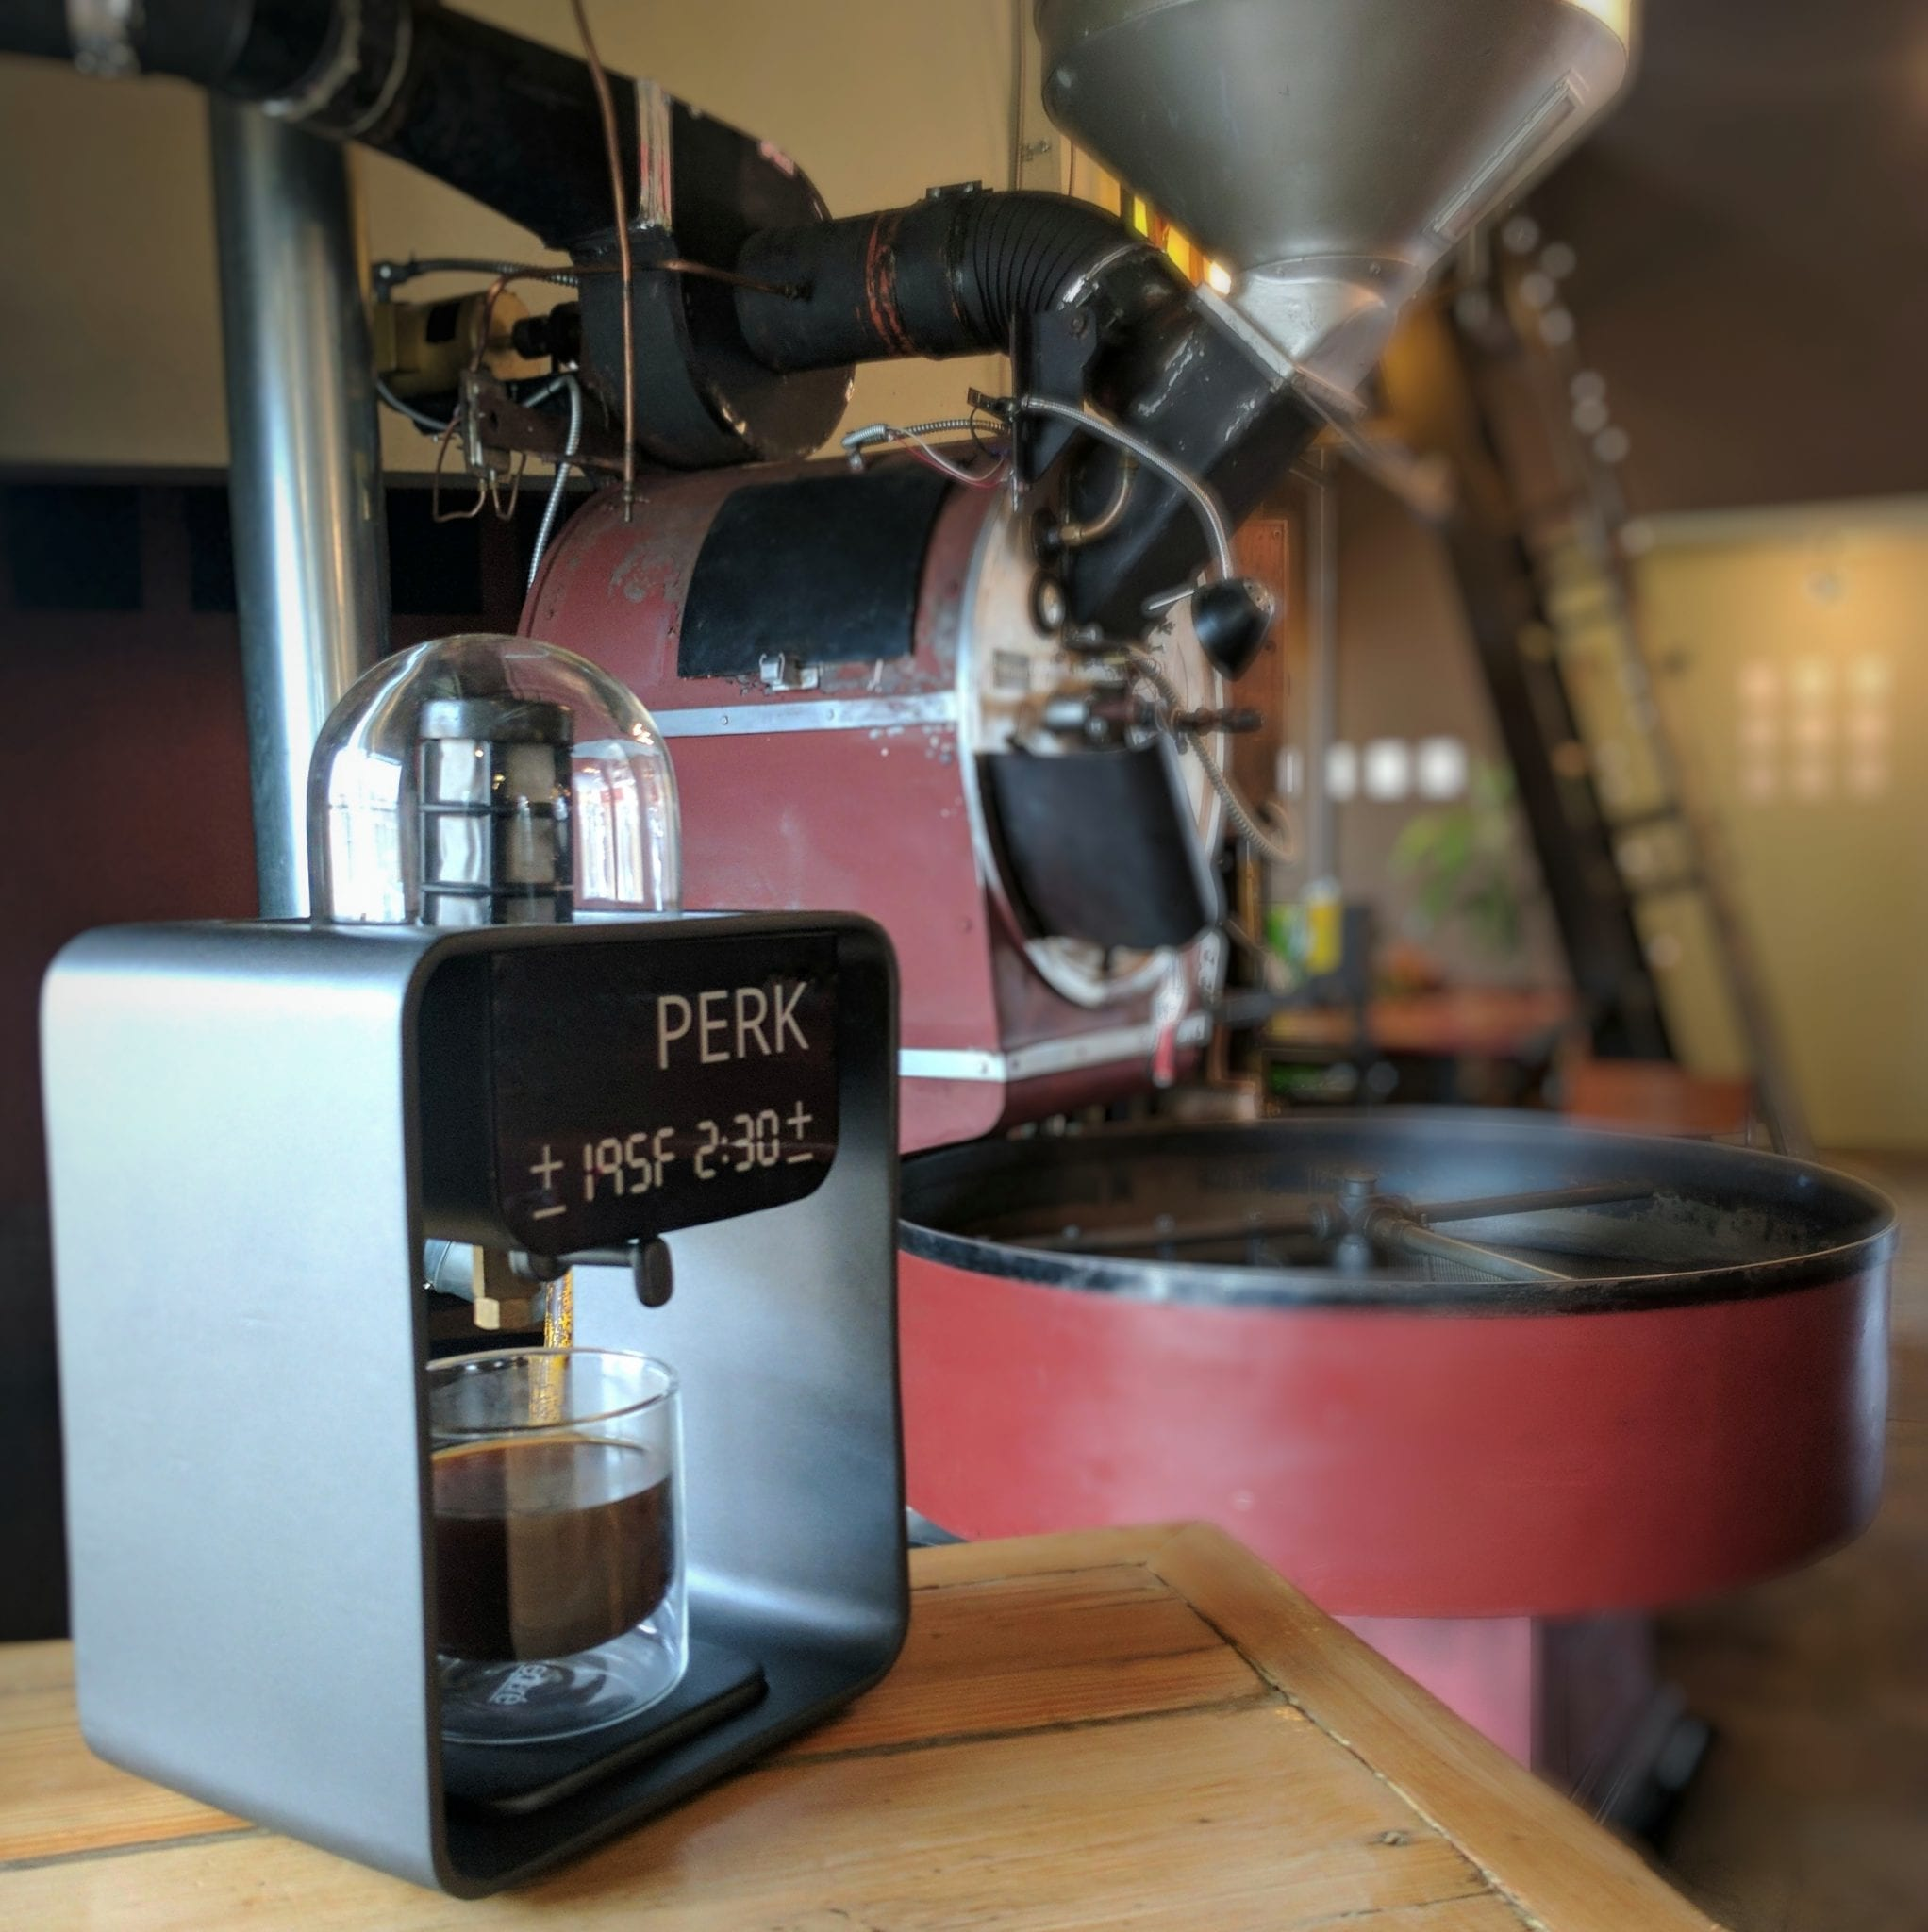 PERK coffee machine in fr